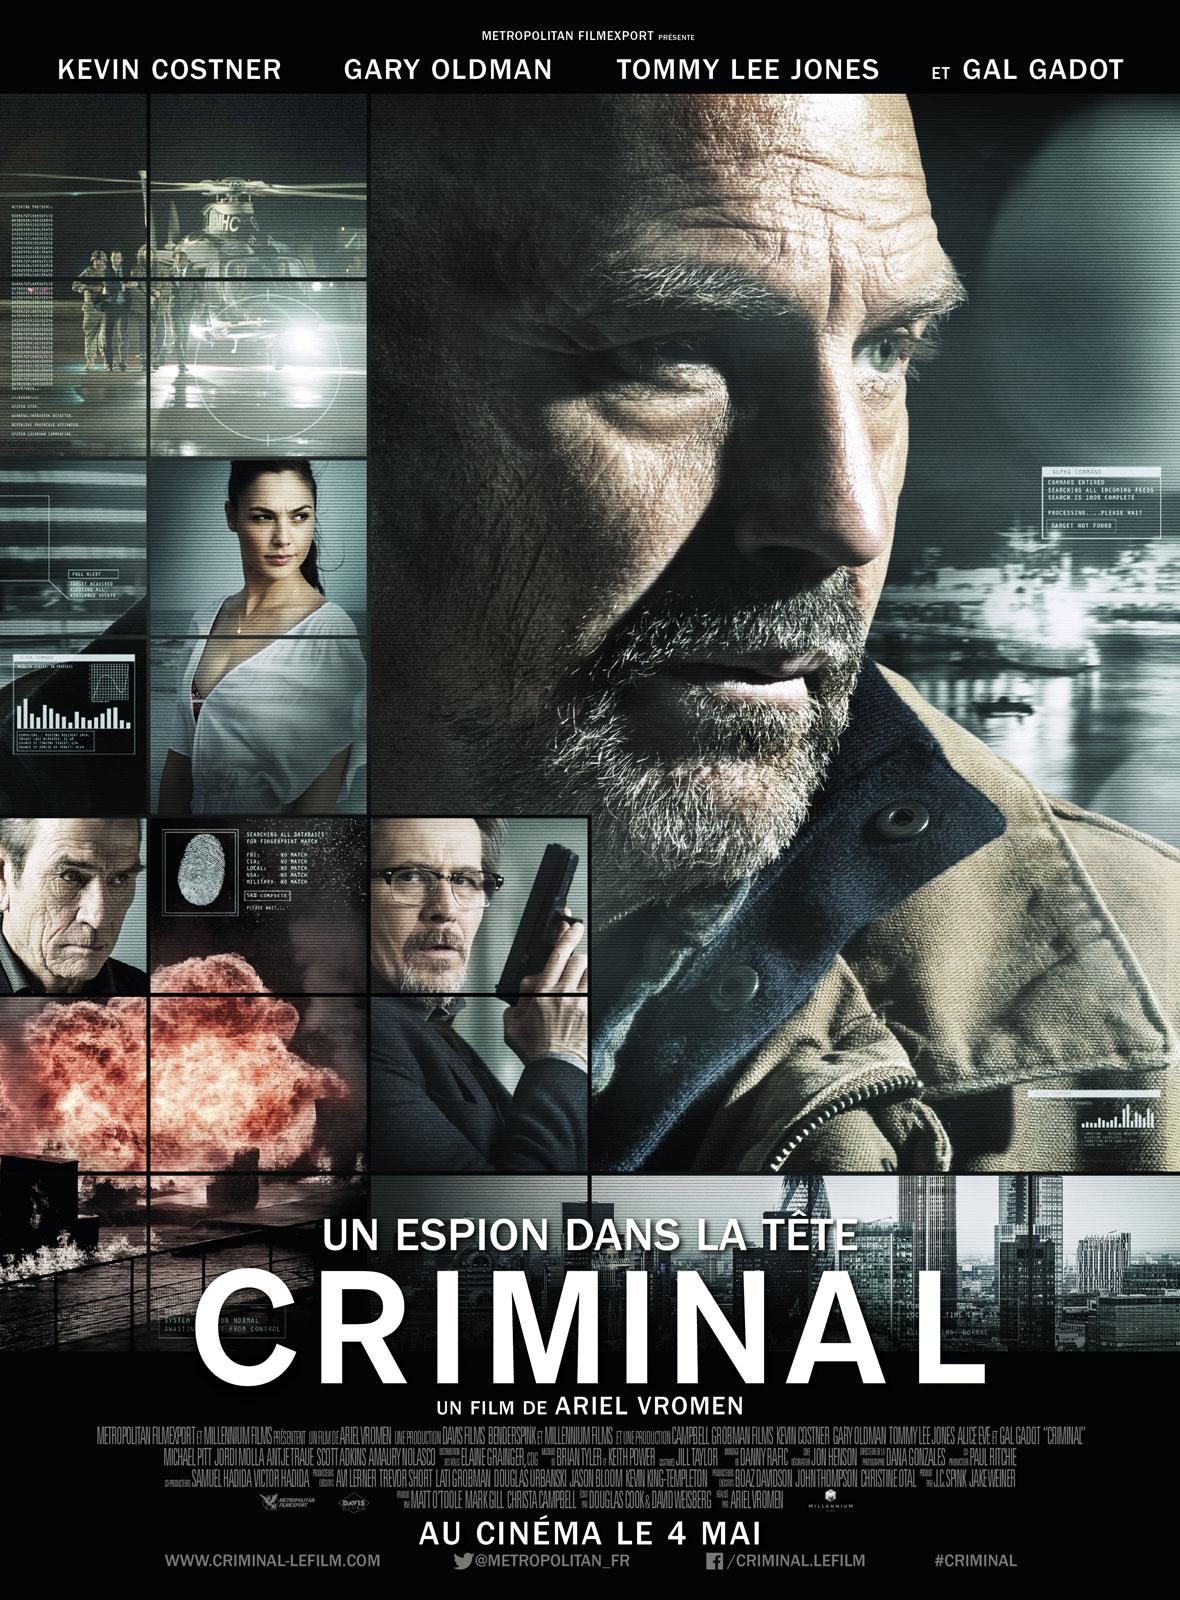 Criminal - Un espion dans la tête FRENCH DVDRIP 2016